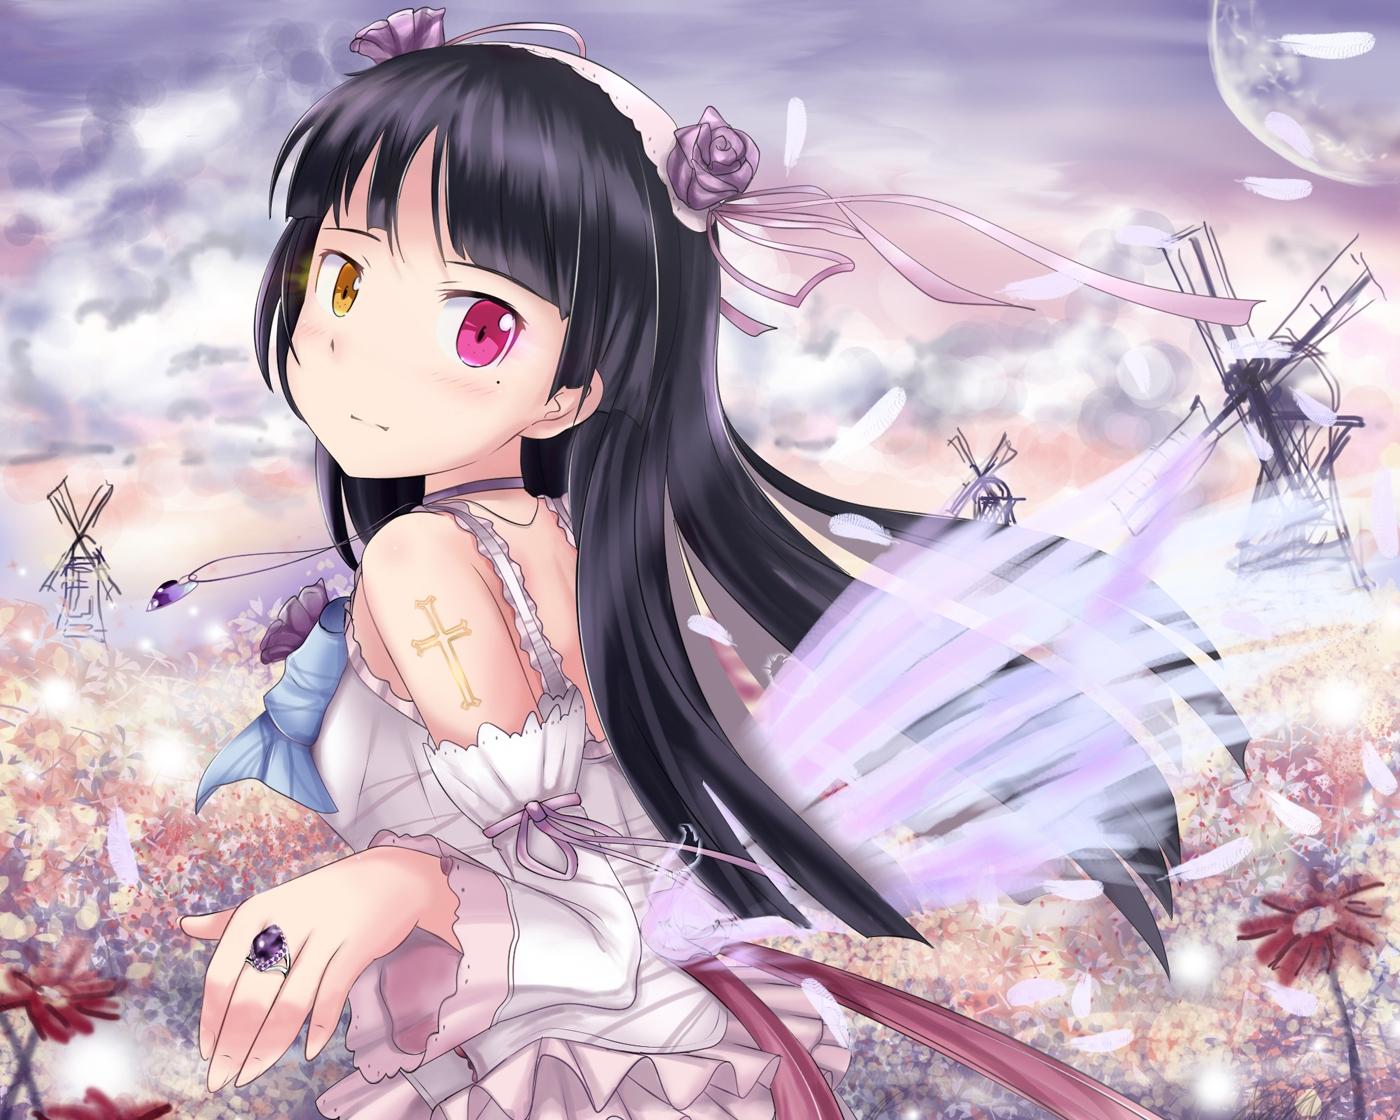 ... escritorio: 15 Wallpapers de Oreimo - Anime Fondos de pantalla HD